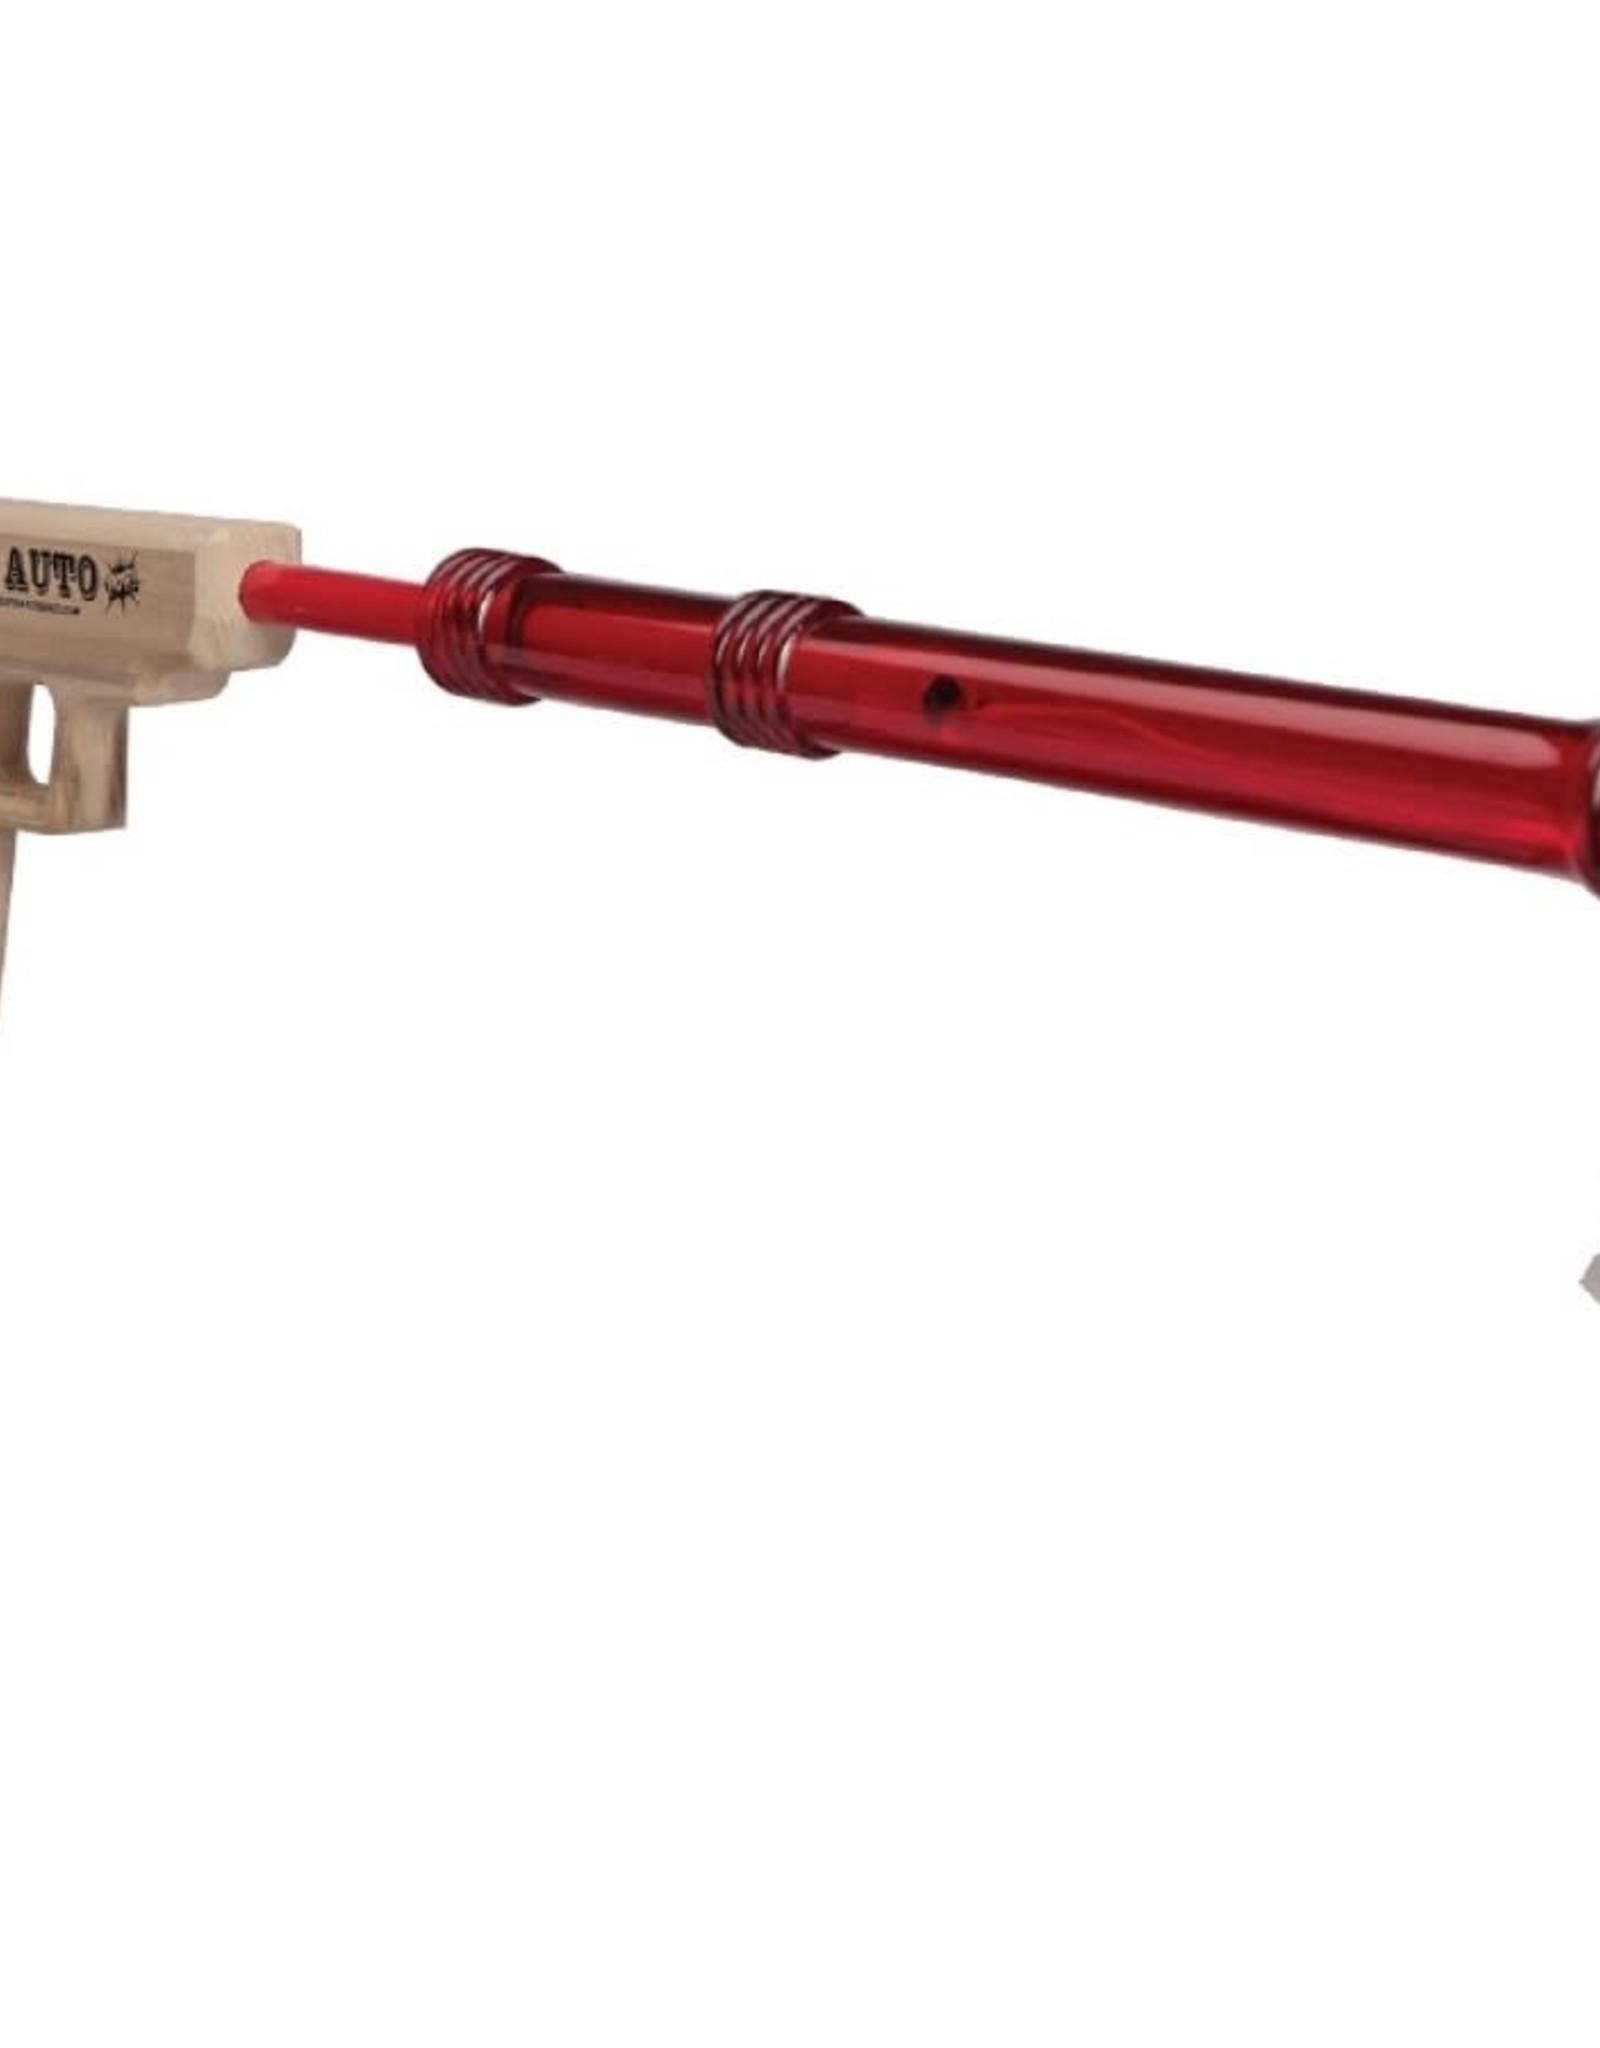 Magnum 12 Popper 380 Auto